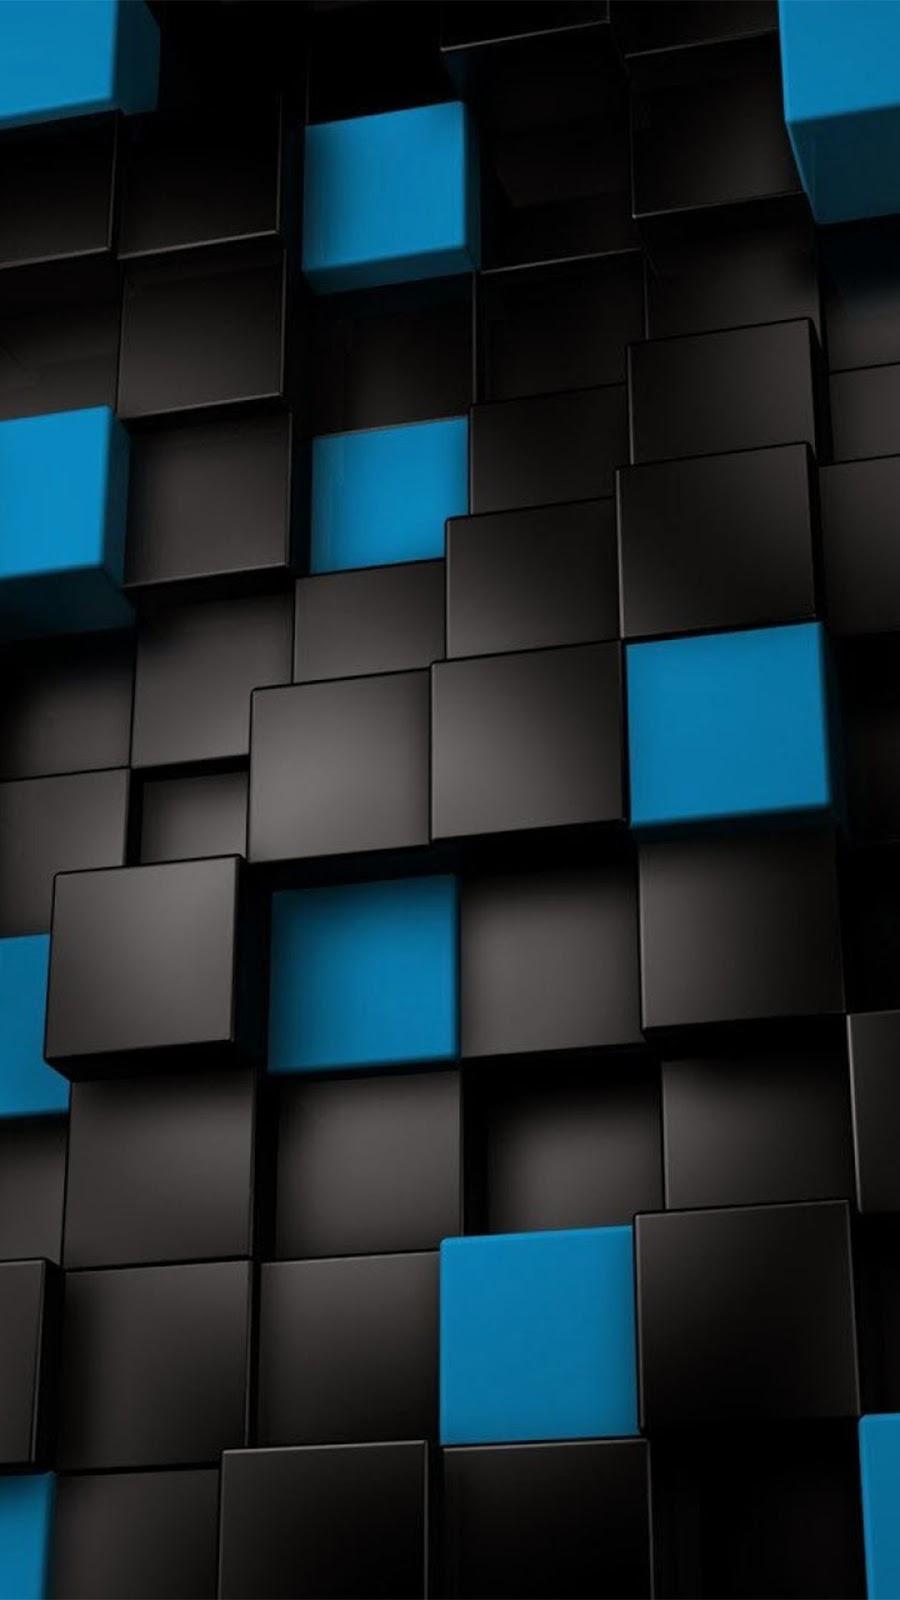 nokia lumia 1520 wallpaper black | blackberry themes